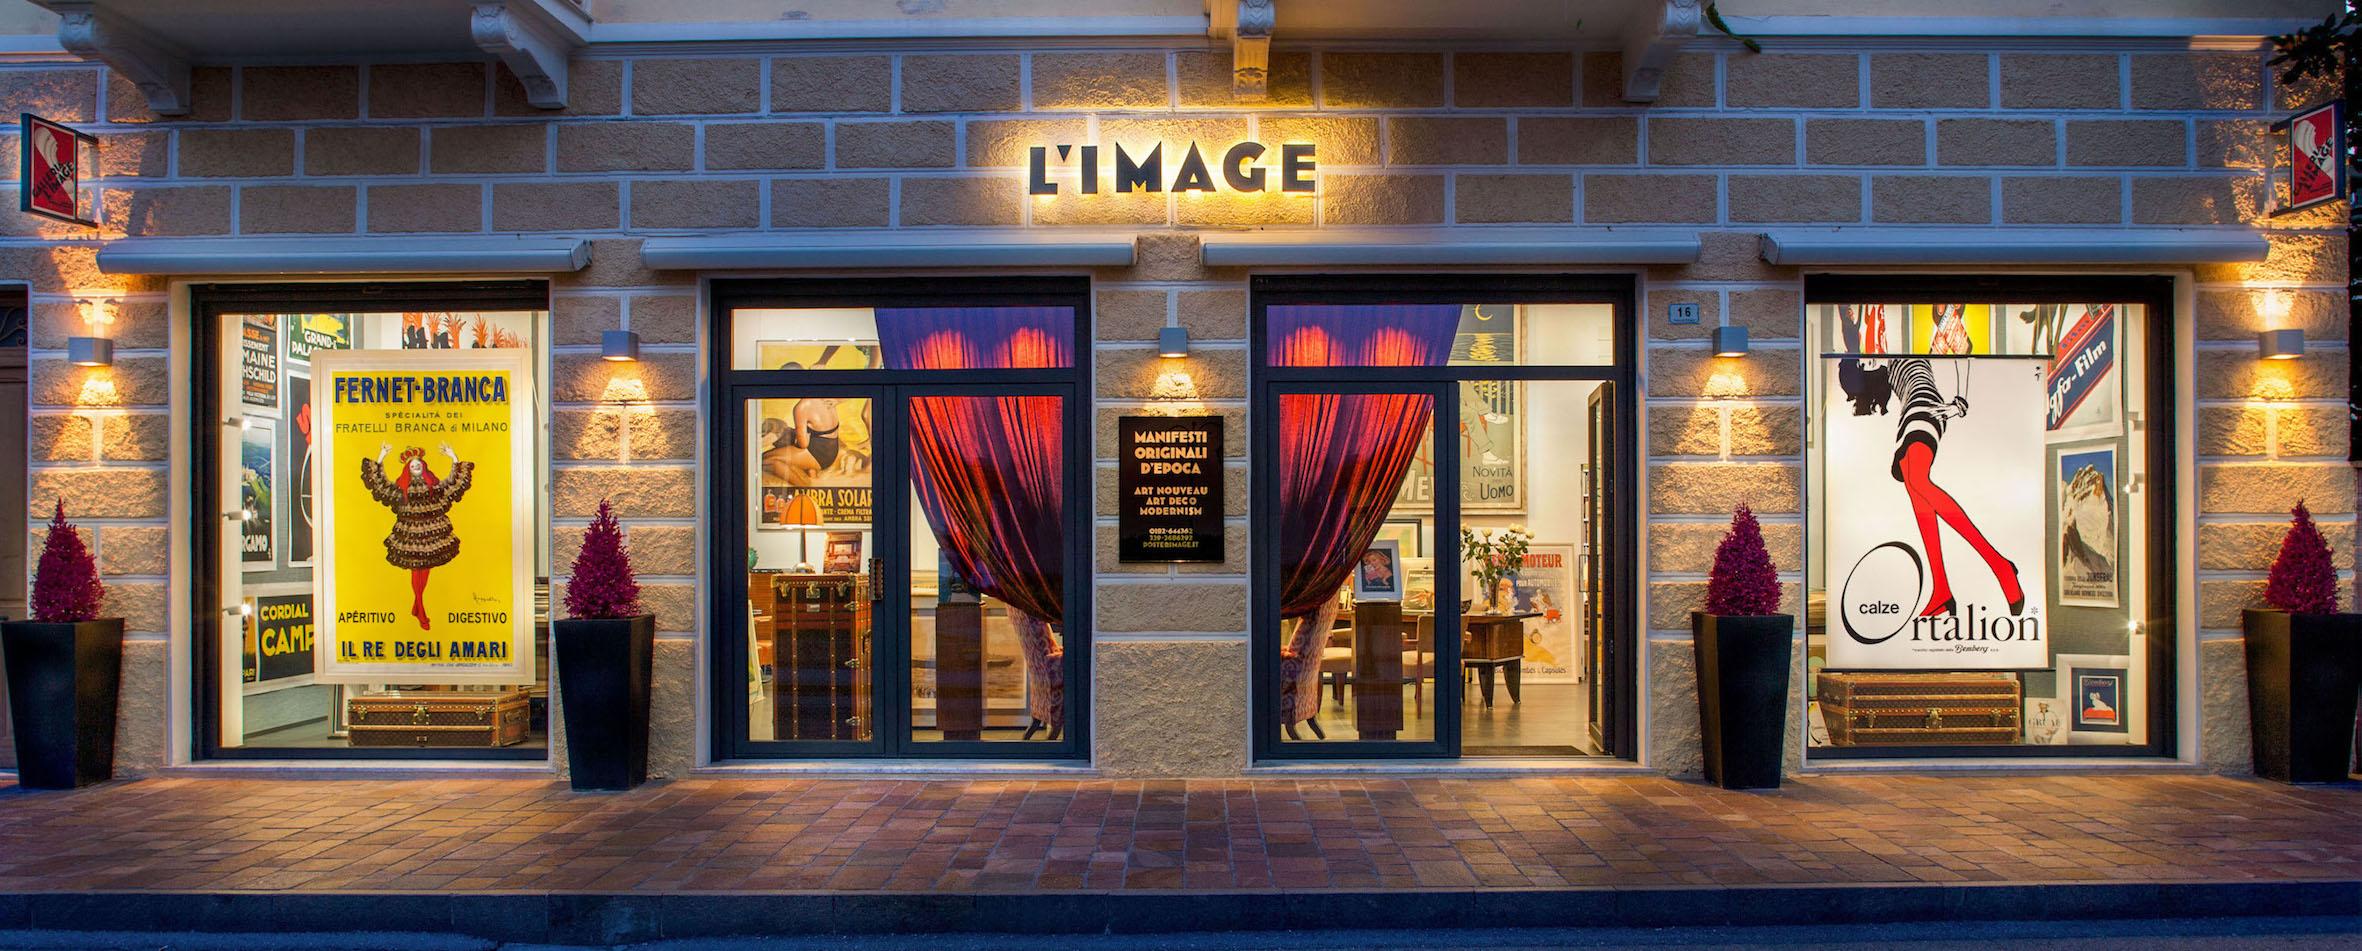 Galleria L'Image